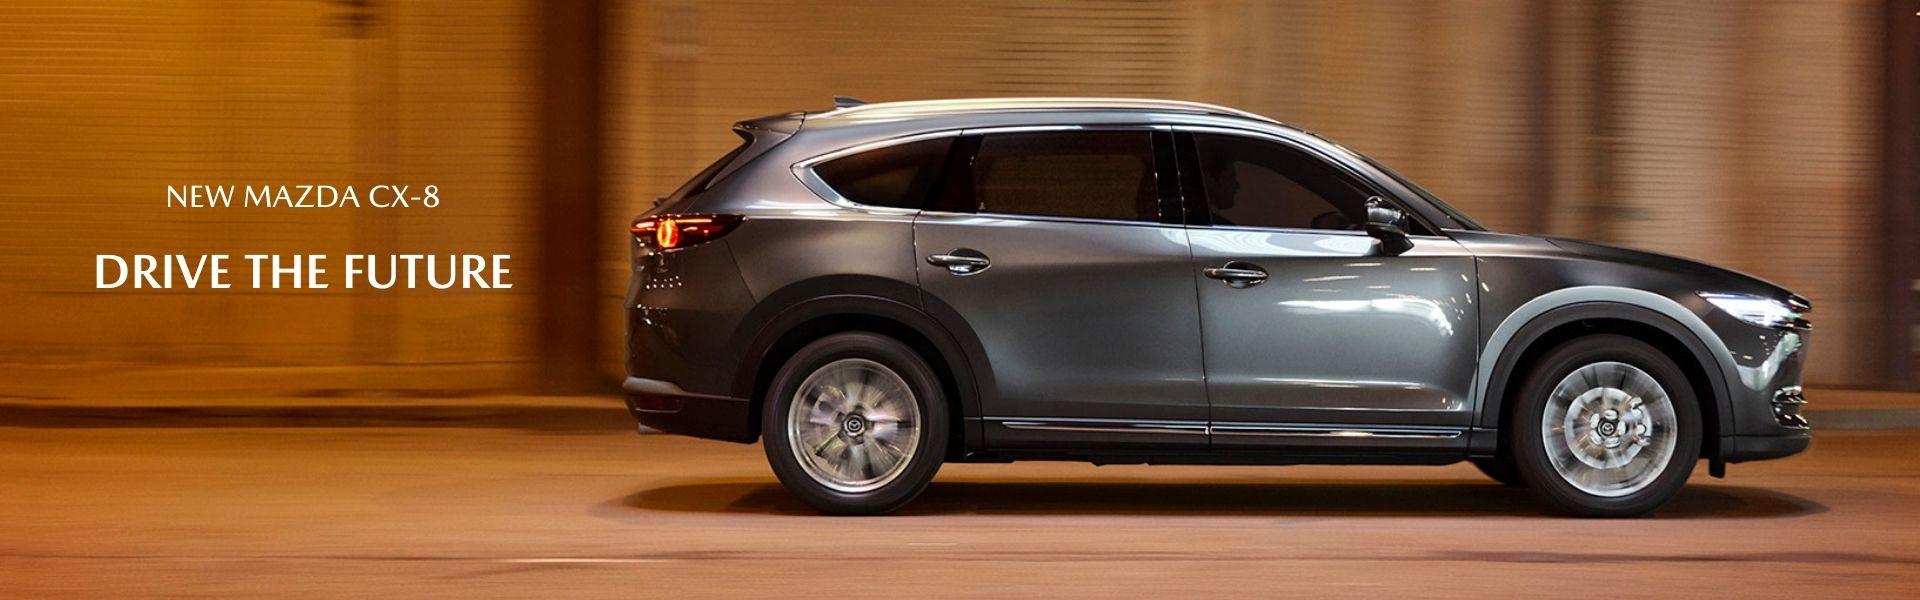 New Mazda CX-8